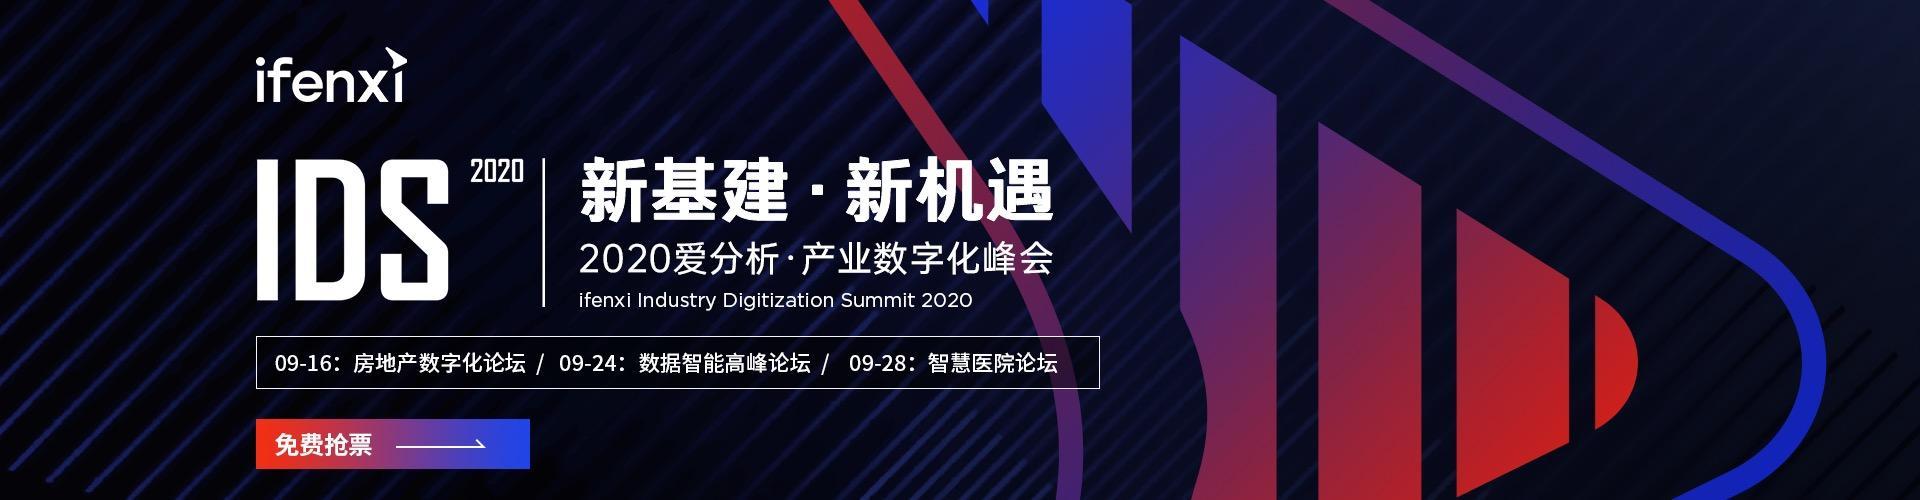 2020中国产业数字化峰会